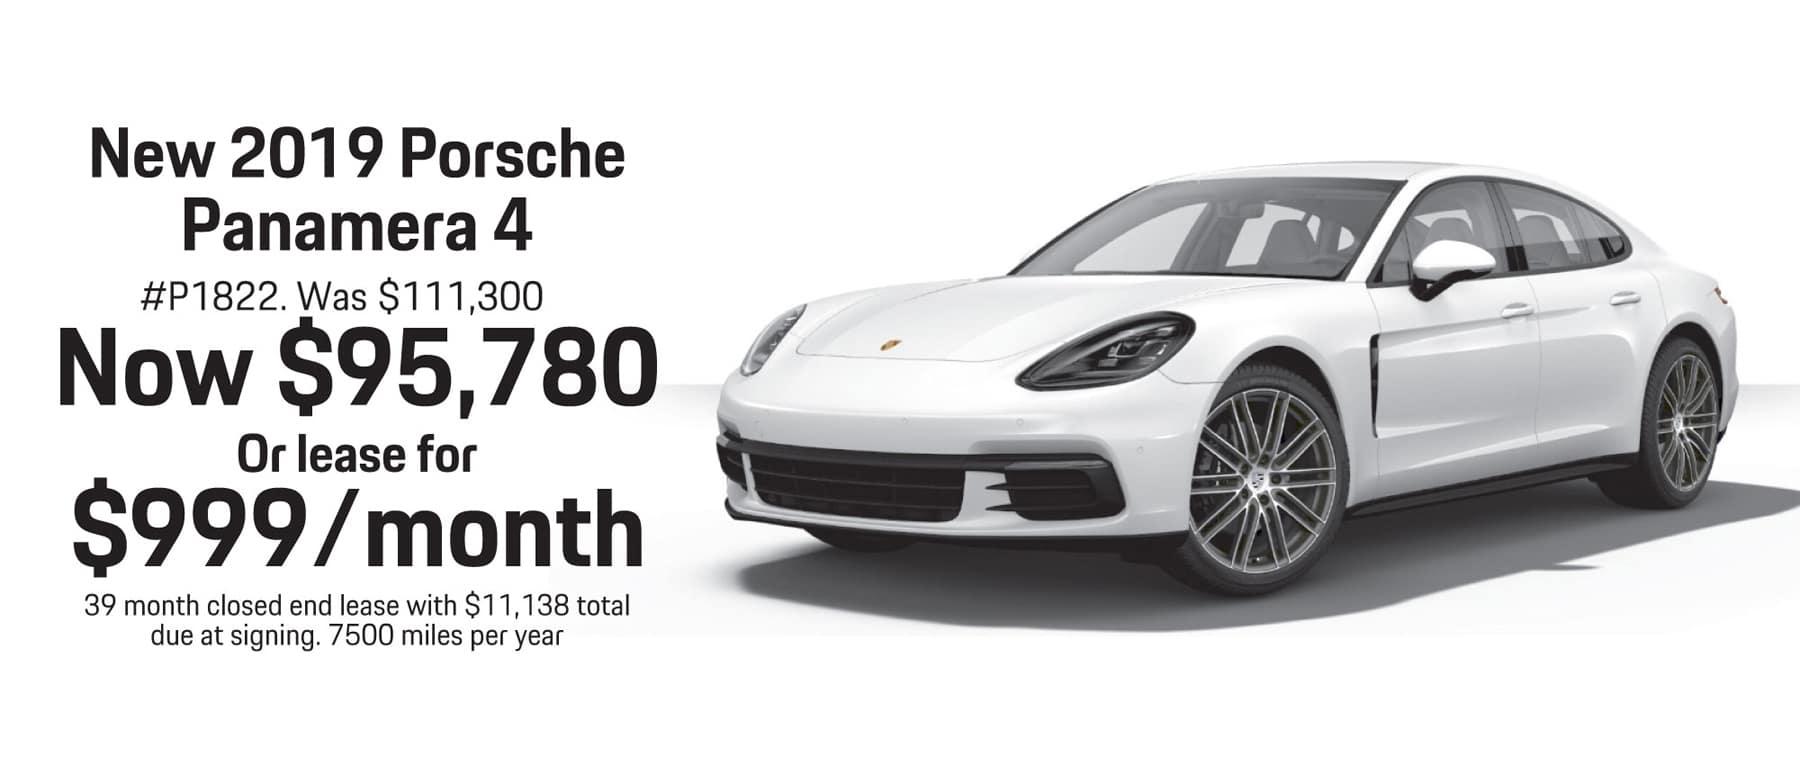 Autohaus Lancaster Pa >> Autohaus Lancaster Porsche | Porsche Dealer in Lancaster, PA